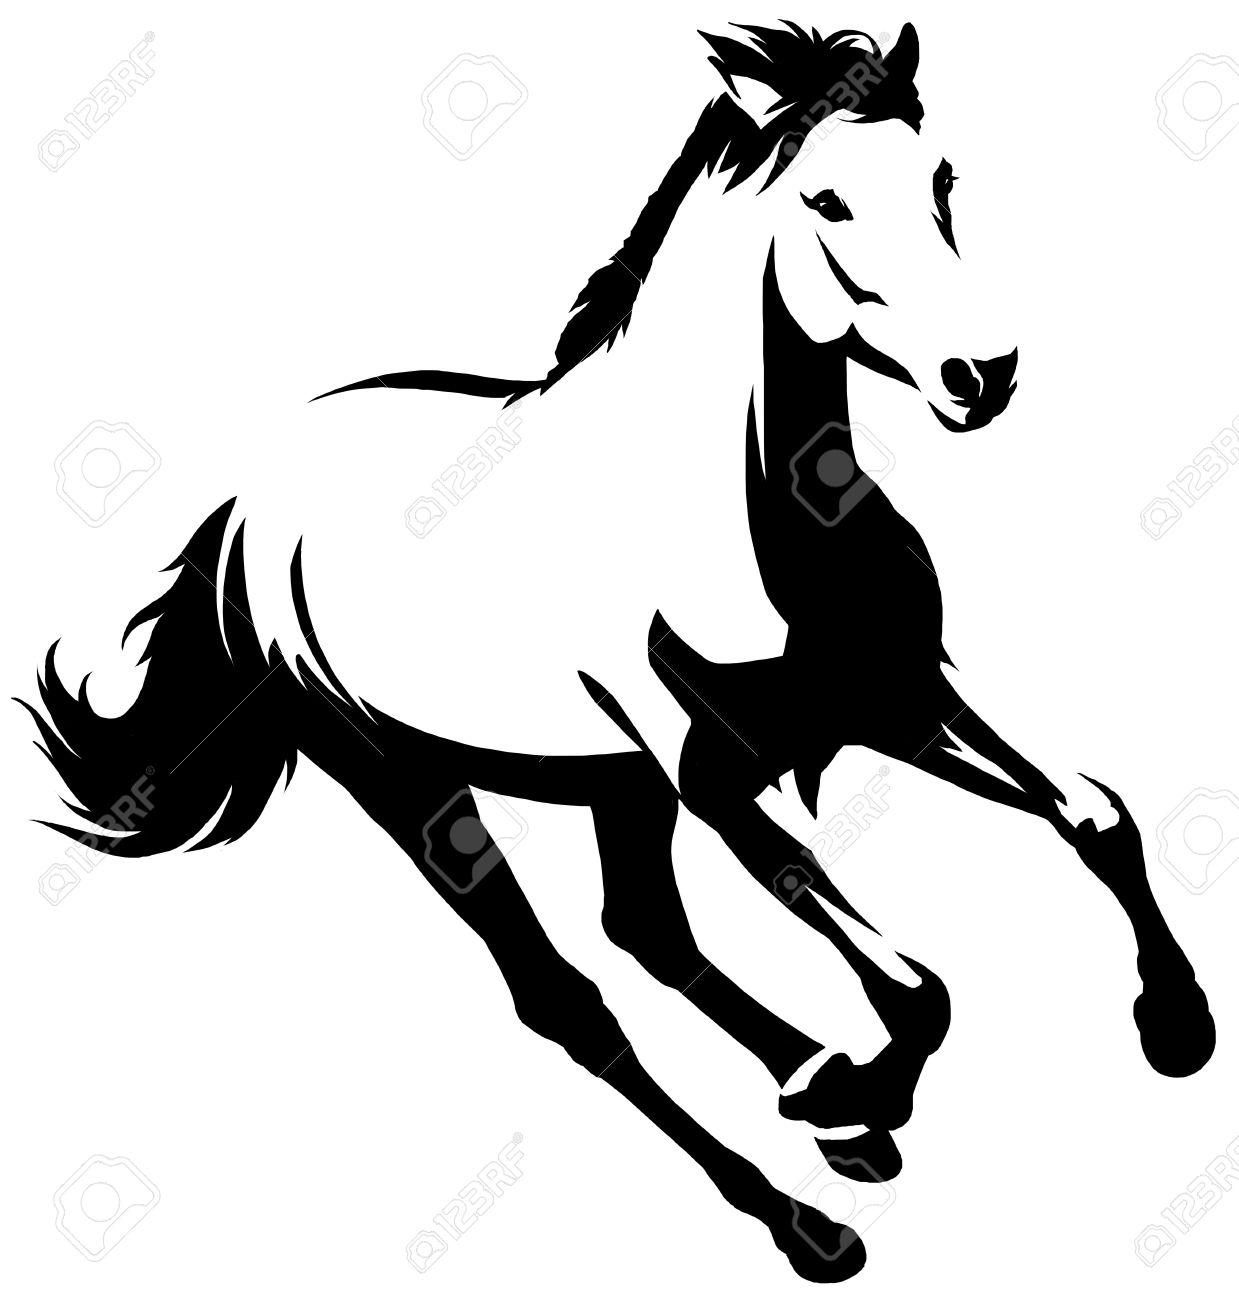 黒と白の線形描画馬イラスト の写真素材画像素材 Image 64229433